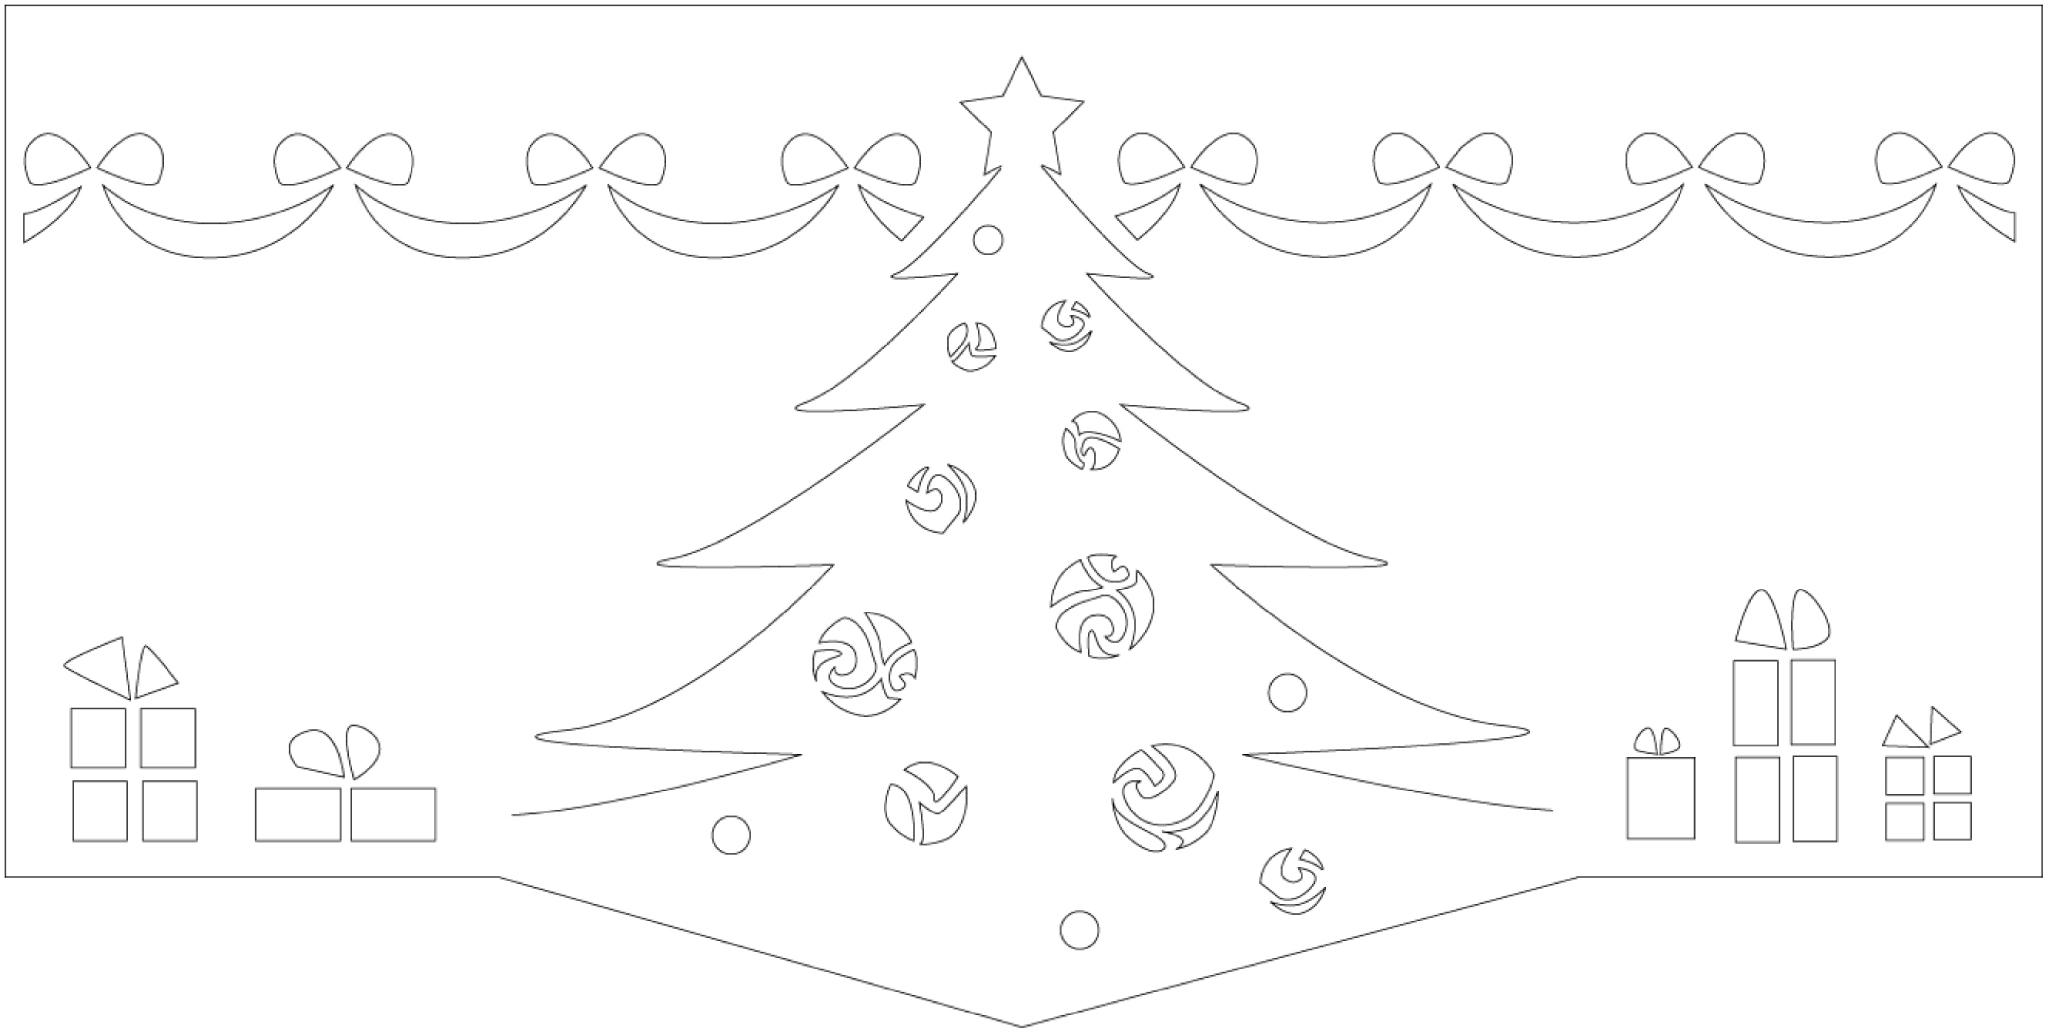 Des Cartes De Vœux Pop-Up Pour Noël - Journal D'une Fouineuse pour Gabarit Sapin De Noel A Imprimer